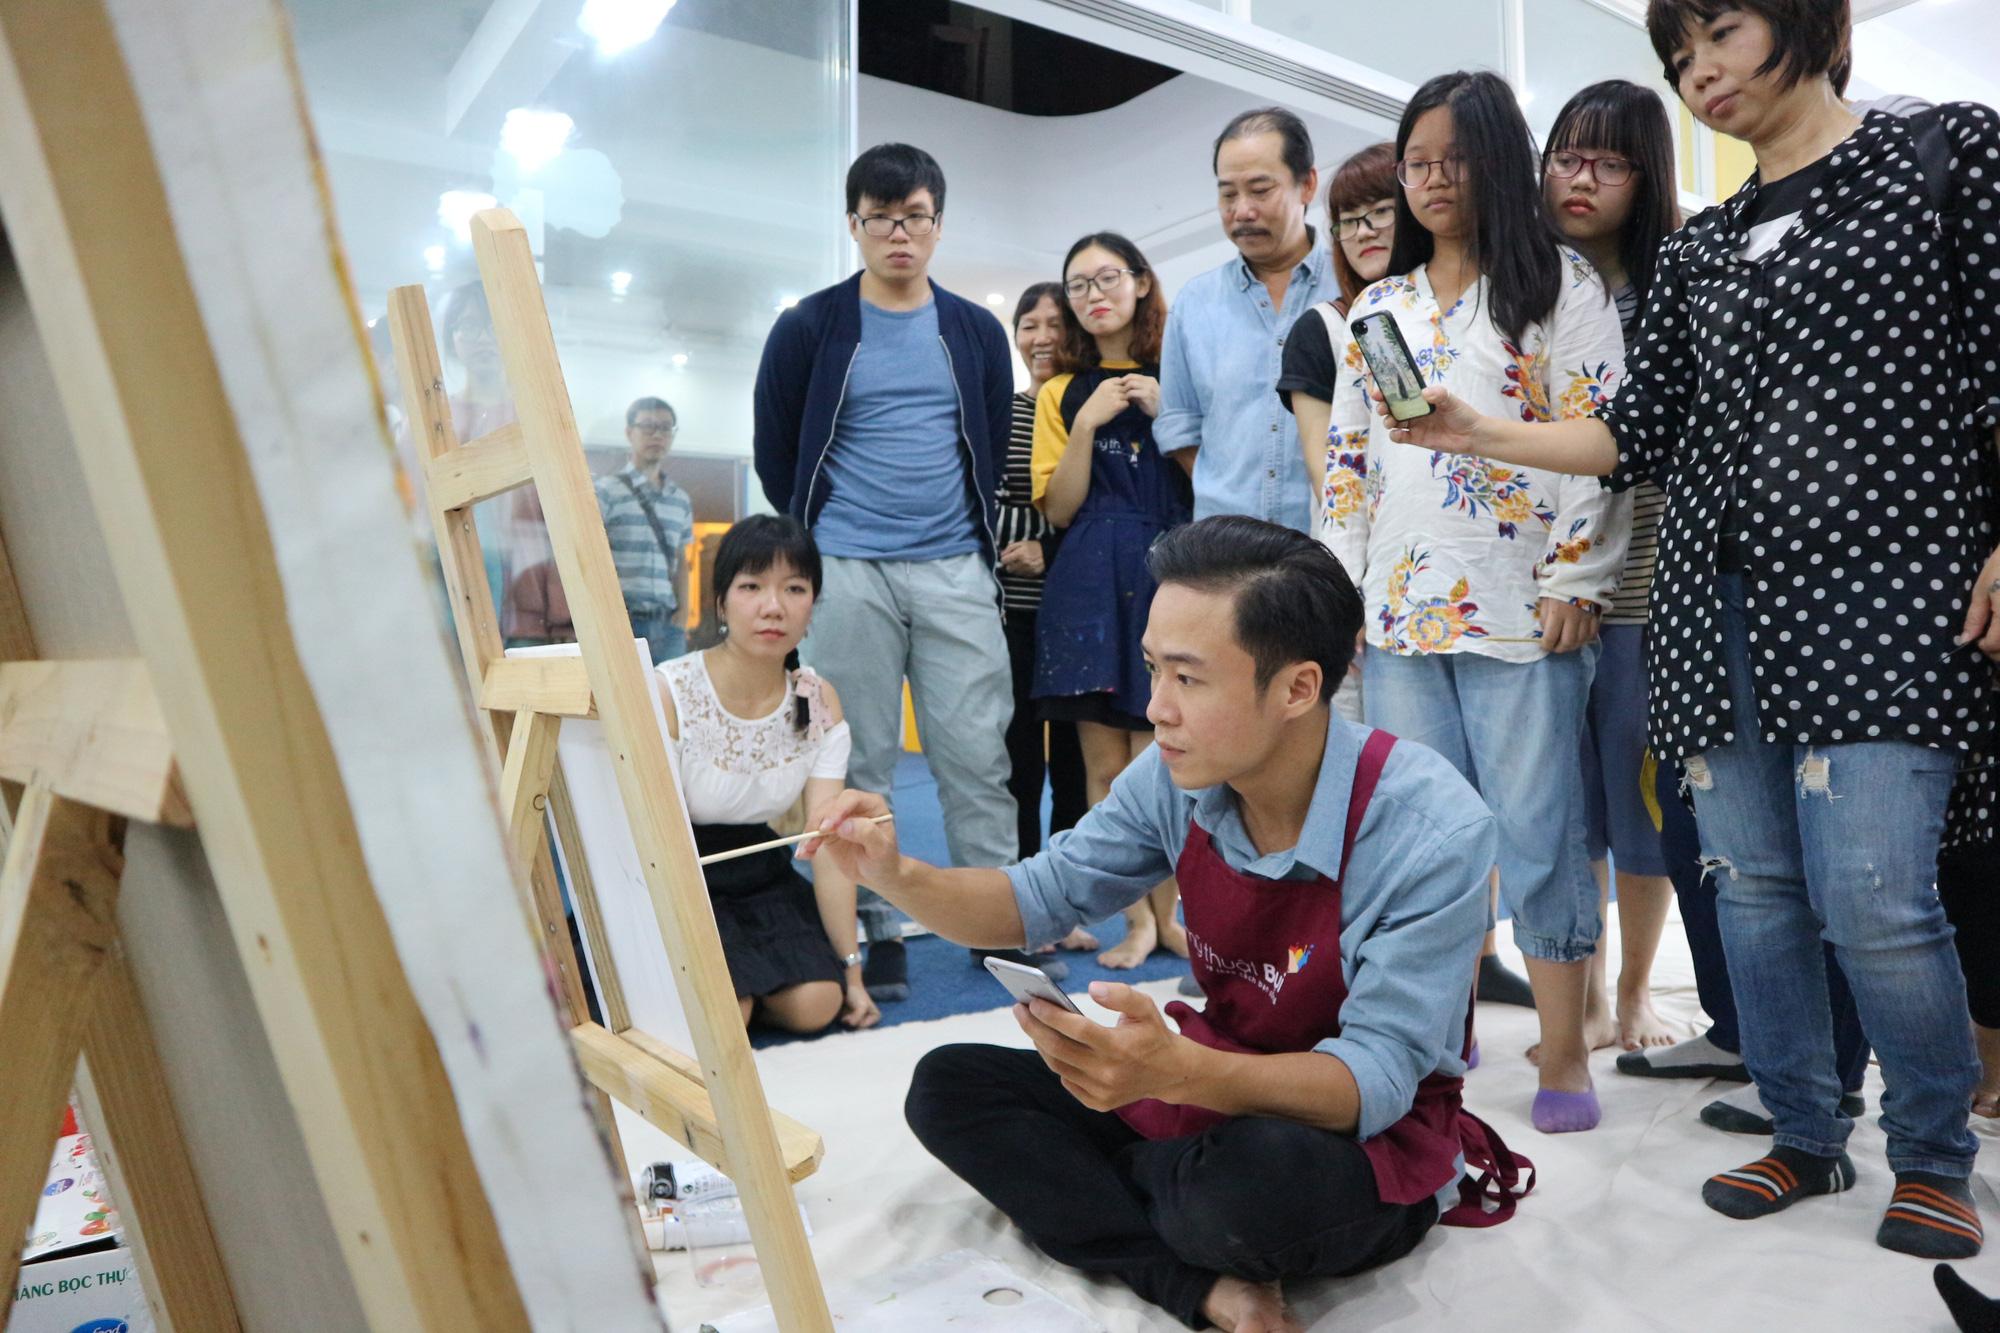 Bụi Xưởng: Đặc biệt hơn cả một lớp học vẽ - Ảnh 7.